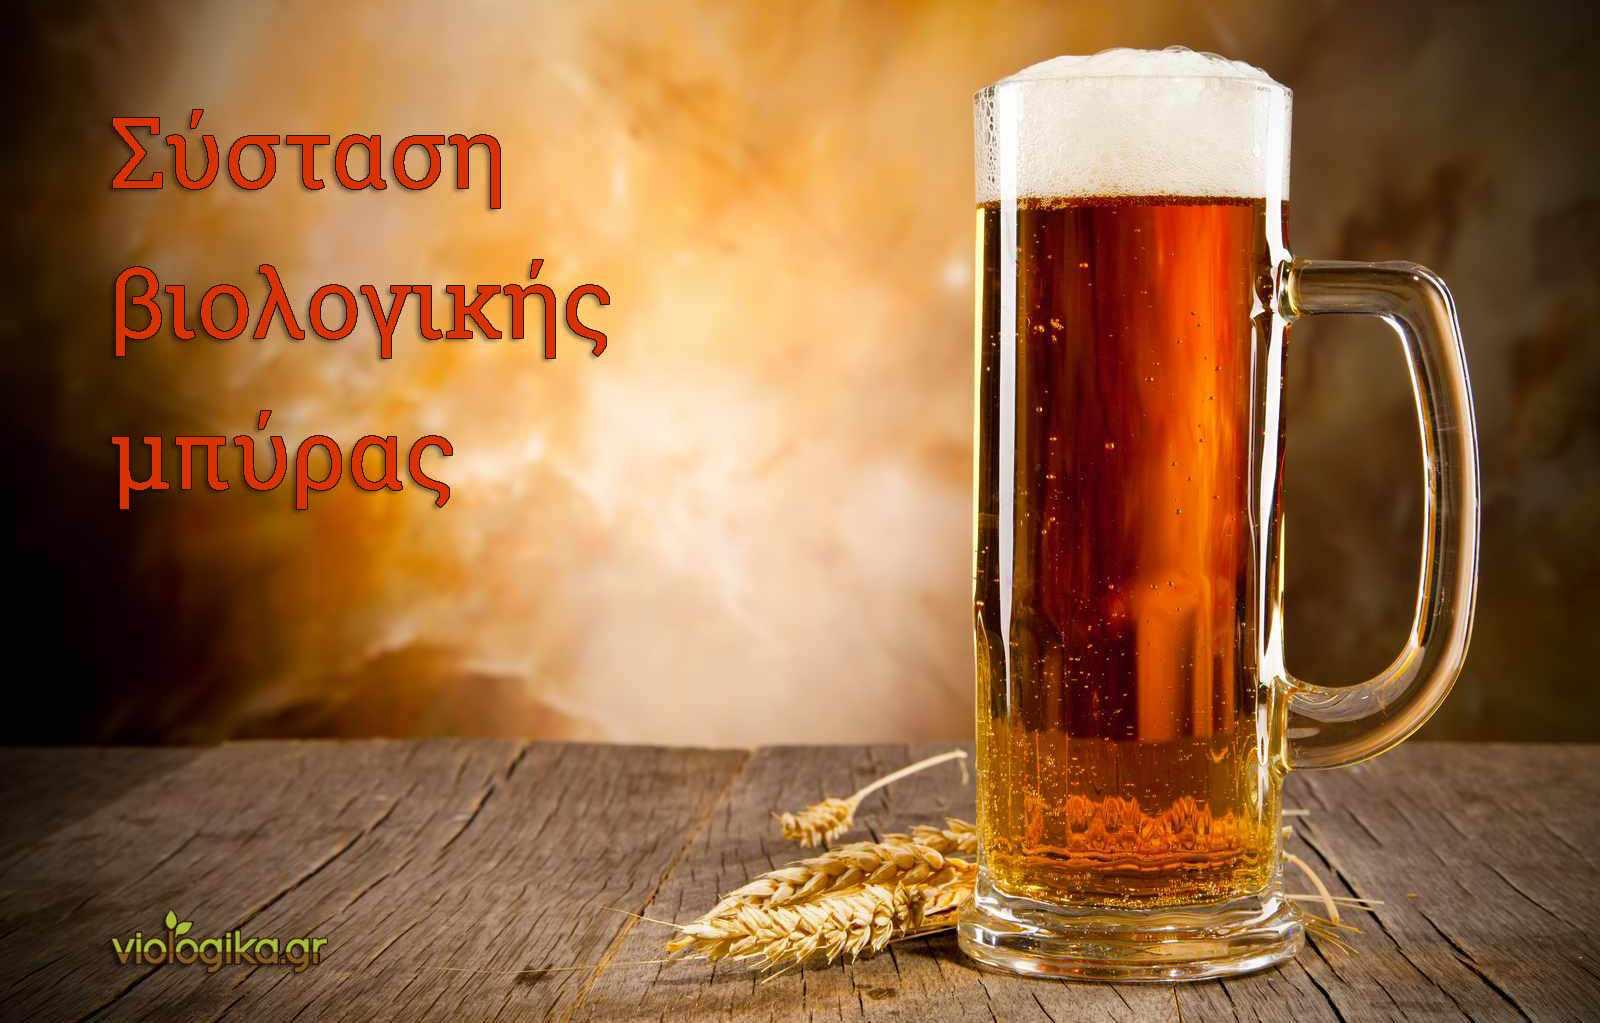 Σύσταση βιολογικής μπύρας